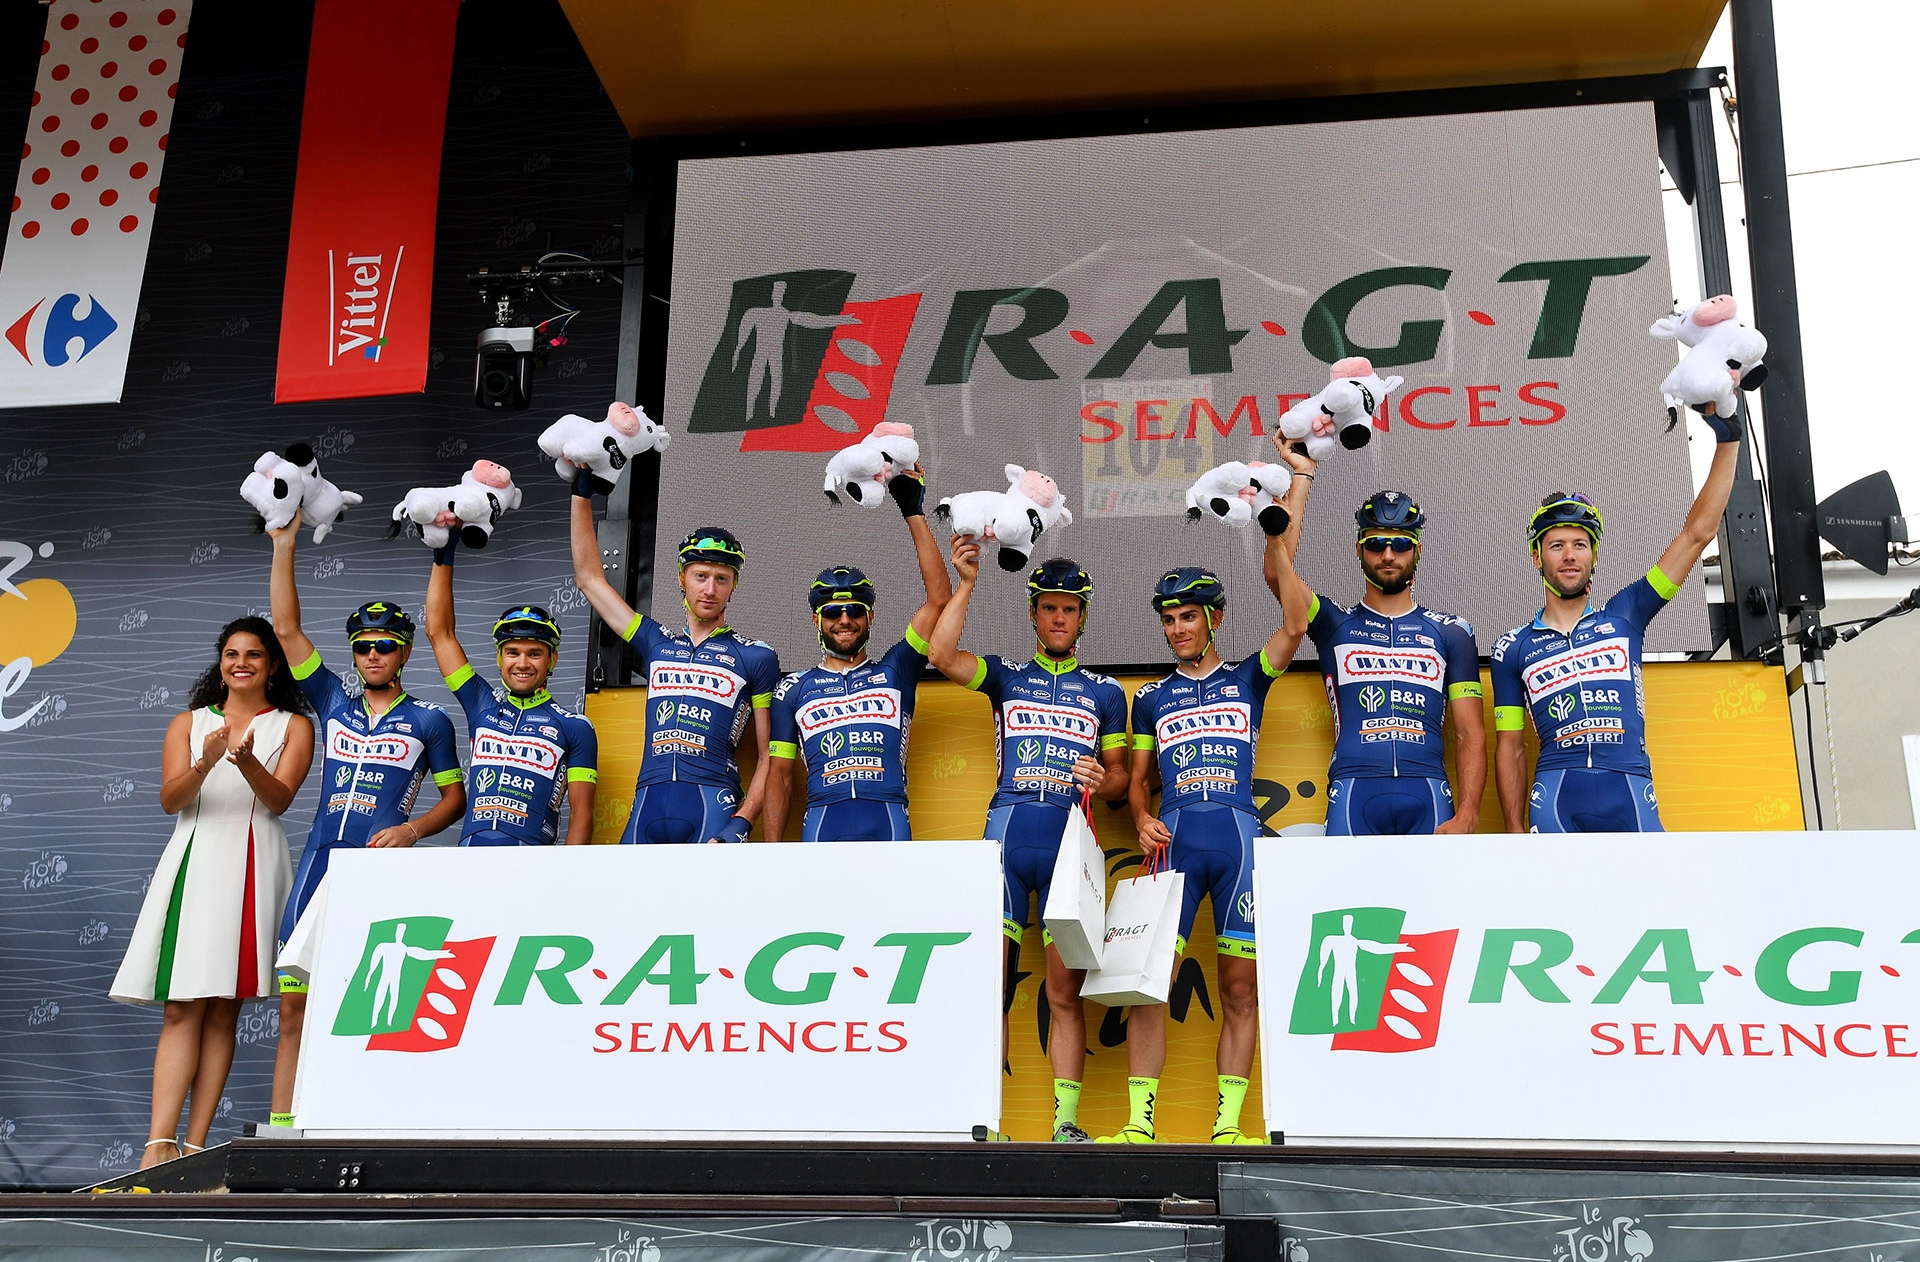 Les coureurs de la Wanty-Groupe Gobert ont fait preuve d'une combativité sans faille sur le Tour de France 2017.